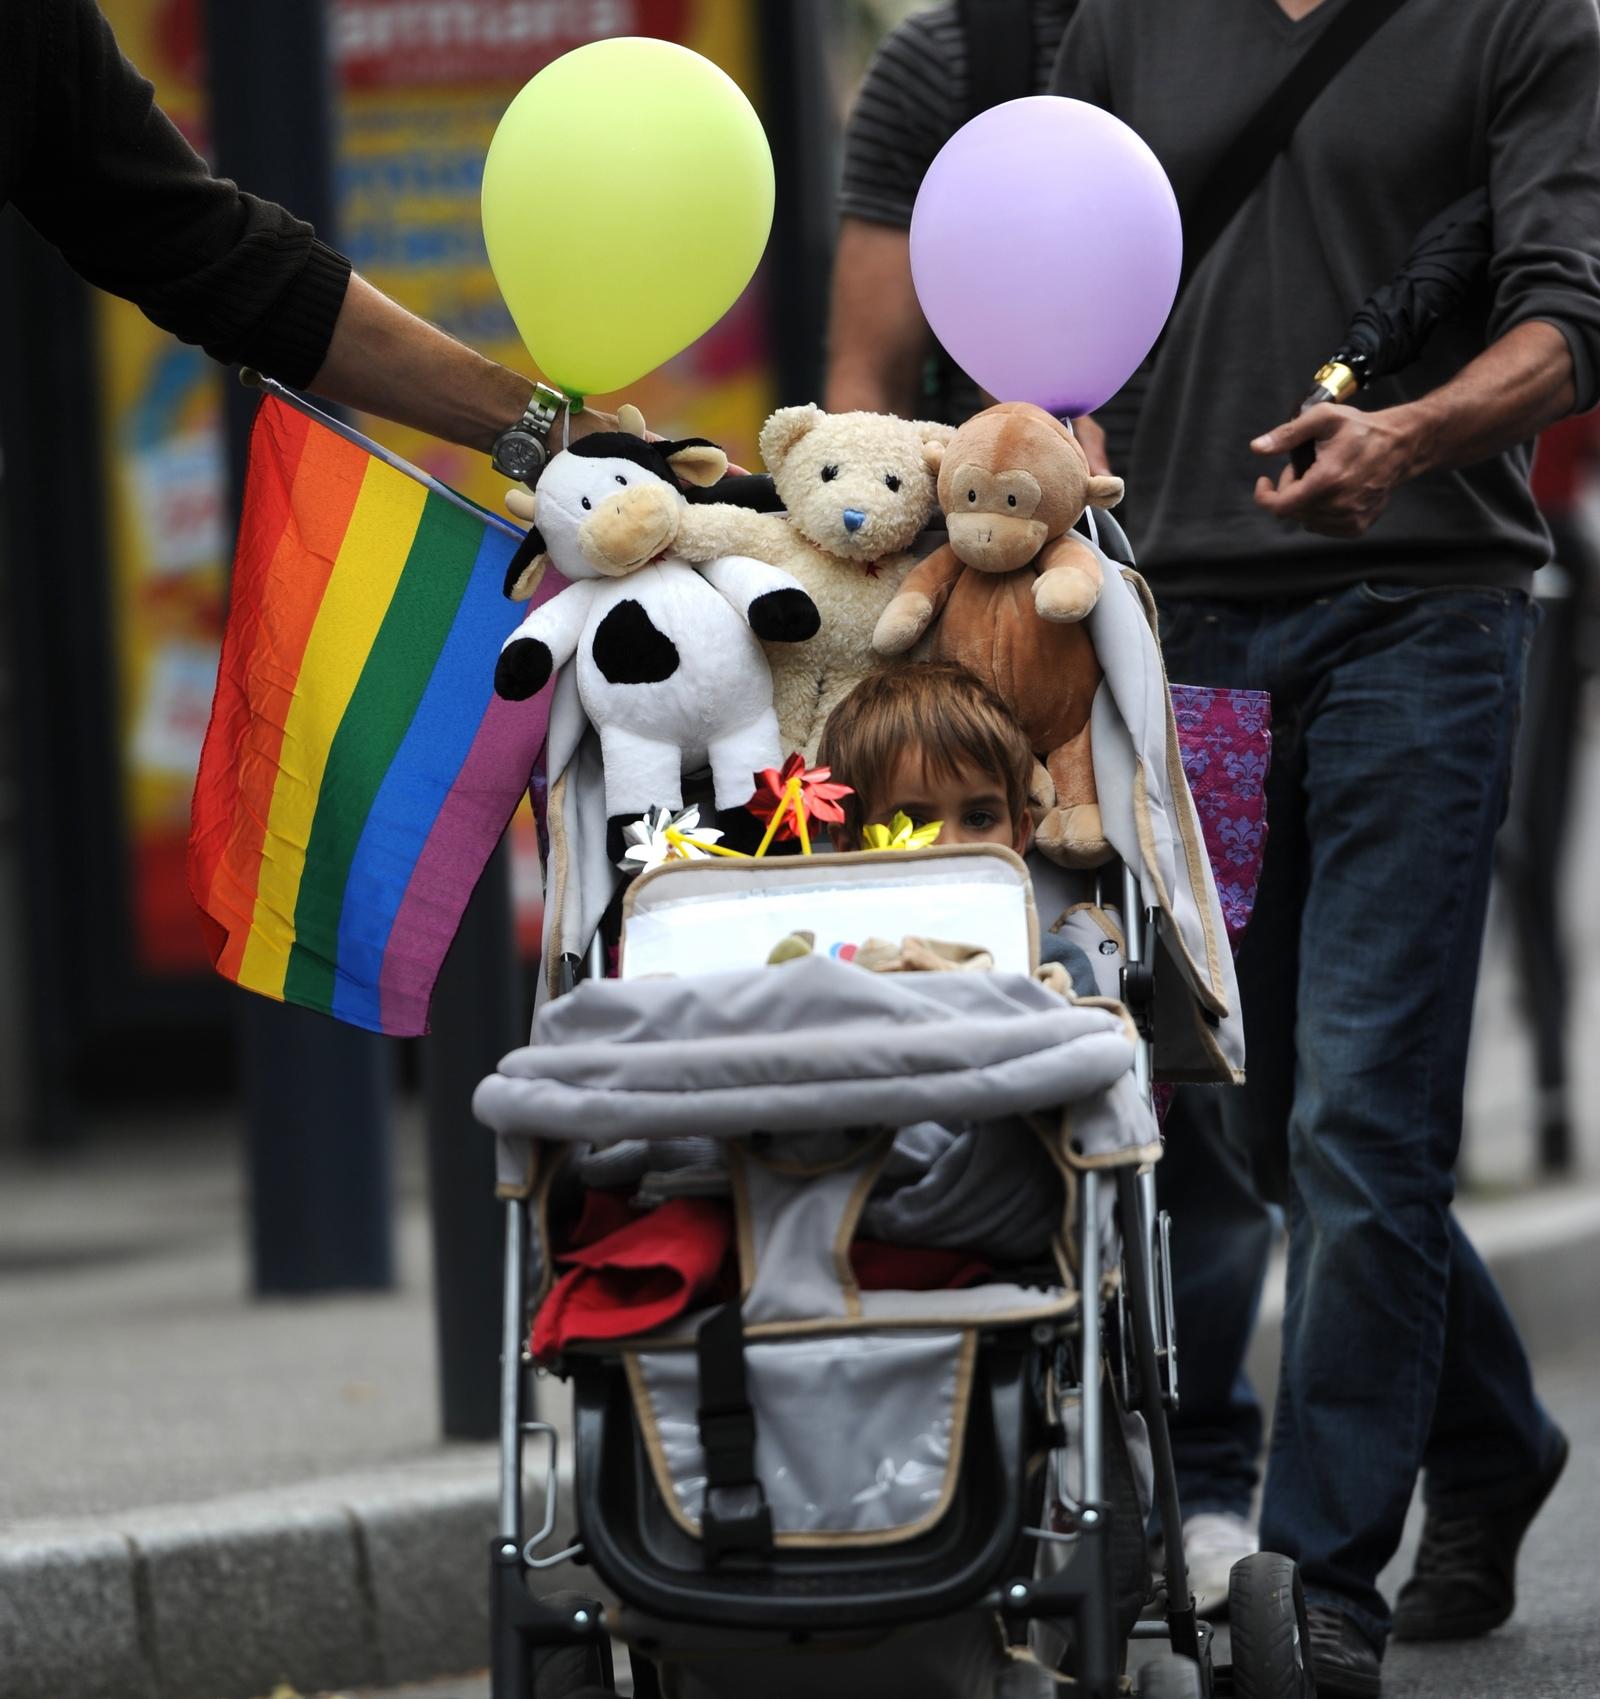 Chico golpeado por ser homosexual marriage